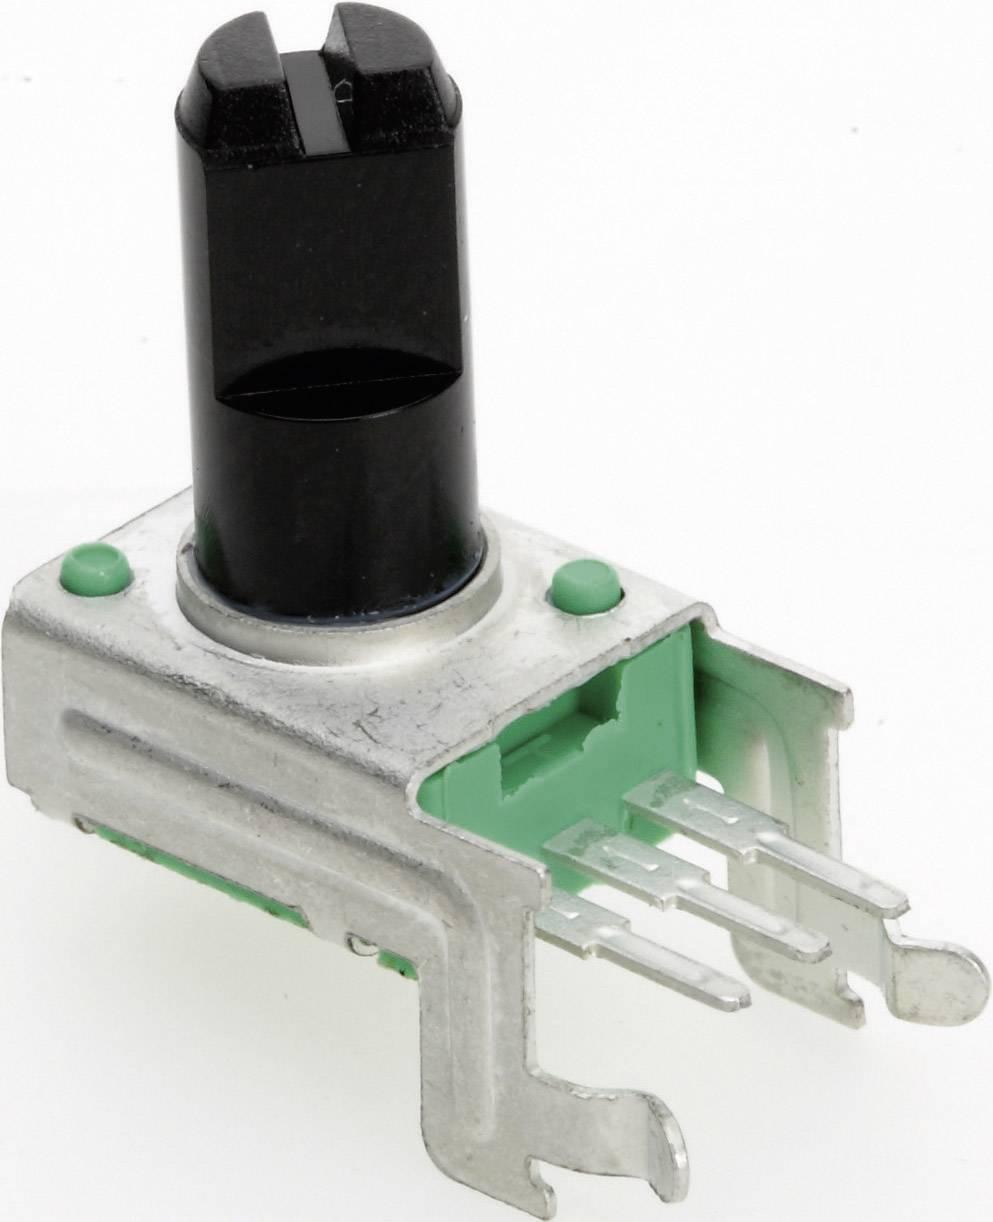 Vodivý plastový potenciometer mono TT Electronics AB P090L-02F20 B-5 KR 4112902900, 5 kOhm, 1 ks